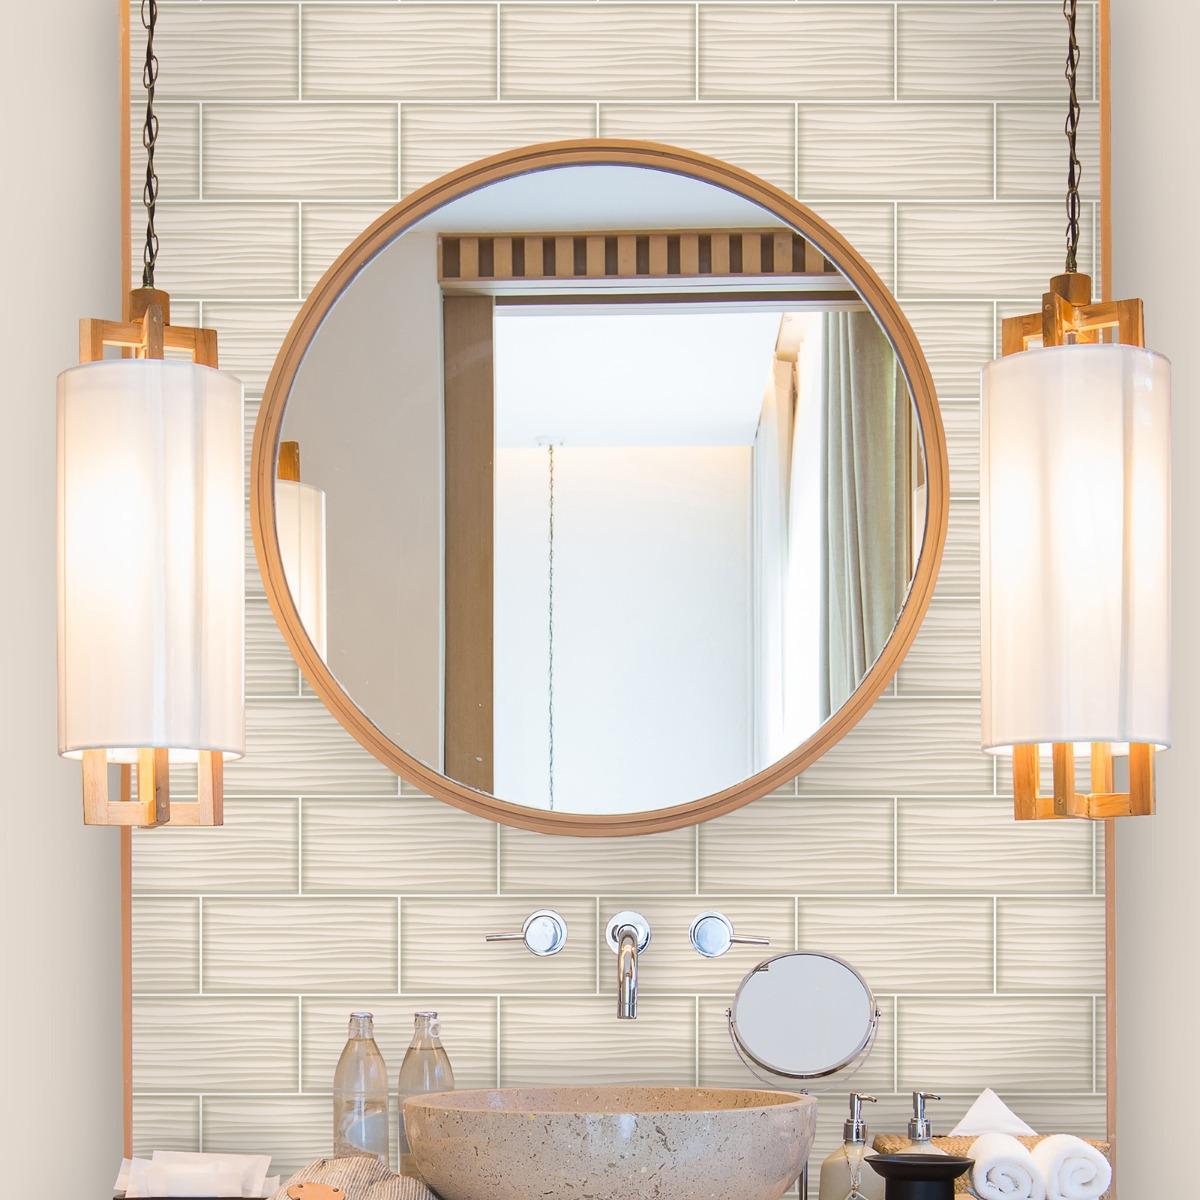 Tiling on a Roll Wave Tile Wallpaper Natural Holden 89321